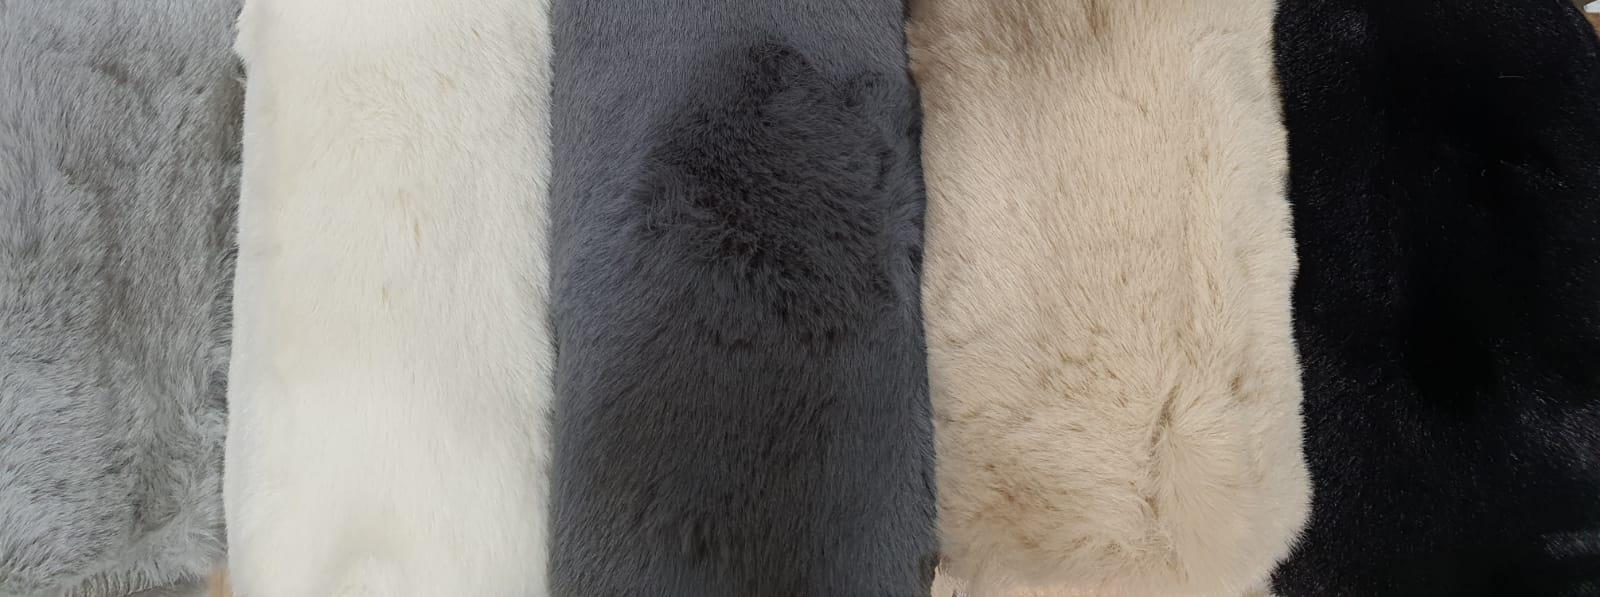 שטיח אמבטיה אפור בהיר דגם Soft סופט - נעים במיוחד!